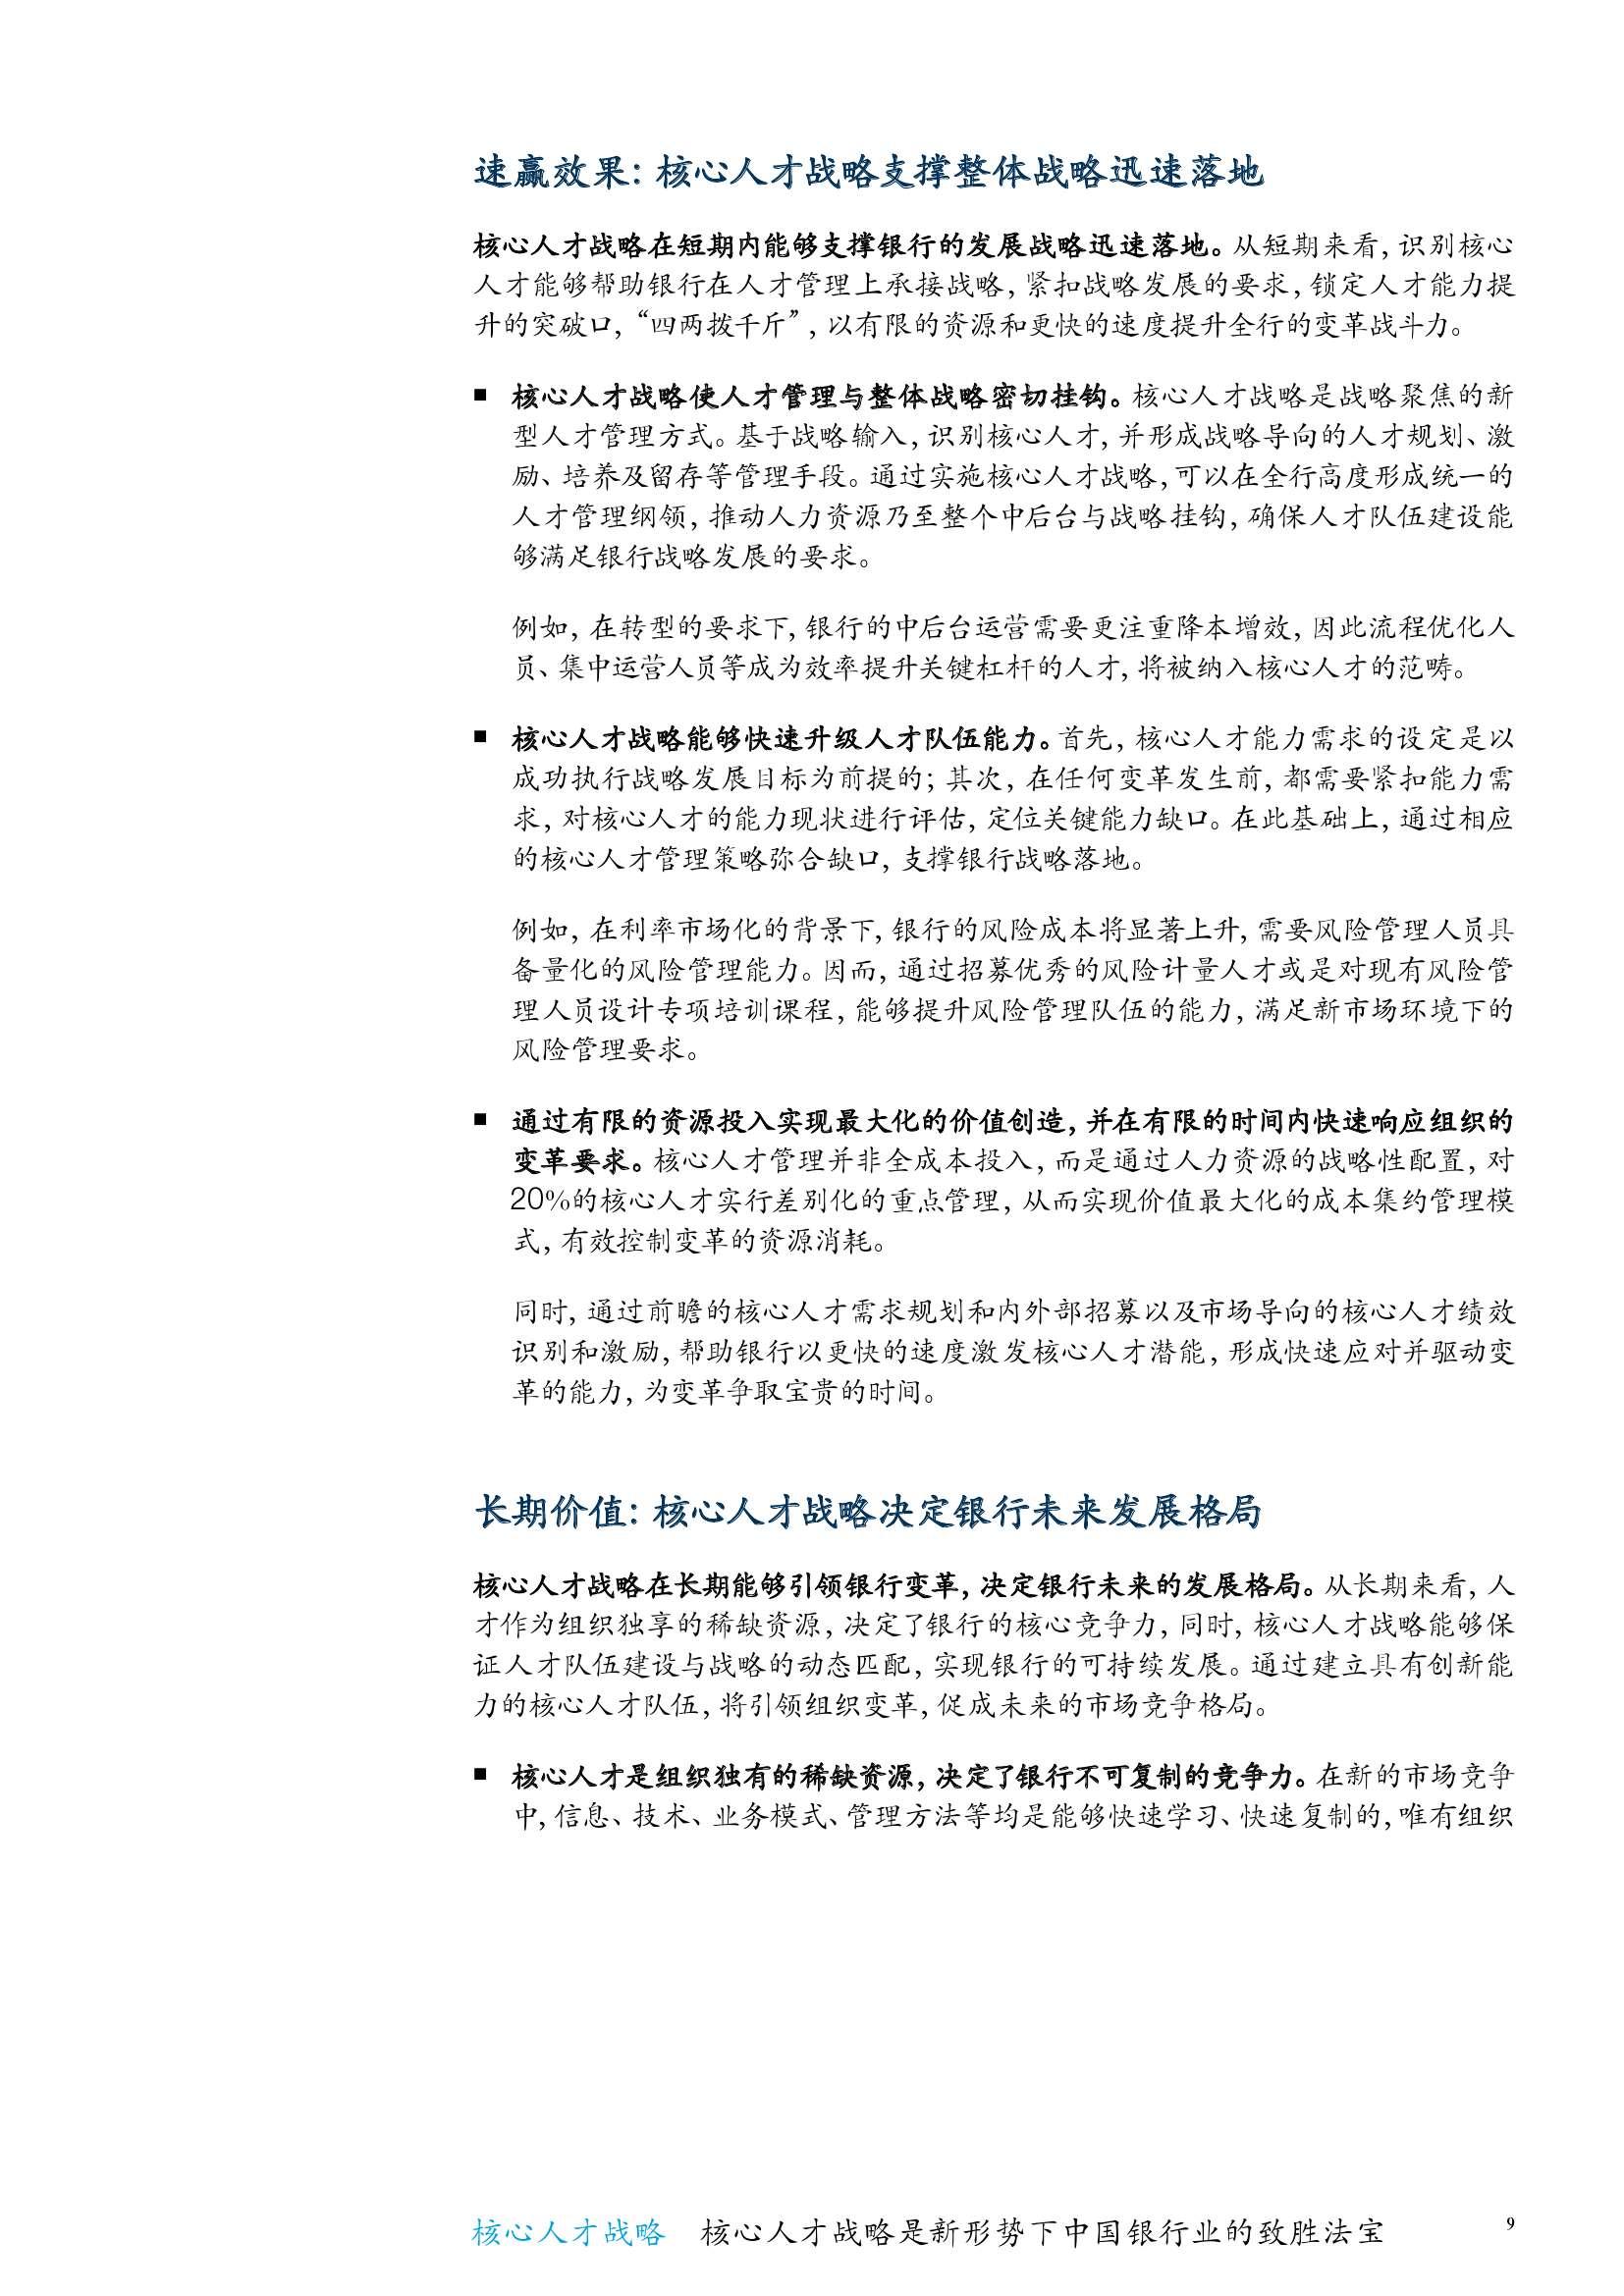 中国银行行业白皮书--核心人才战略4_000015